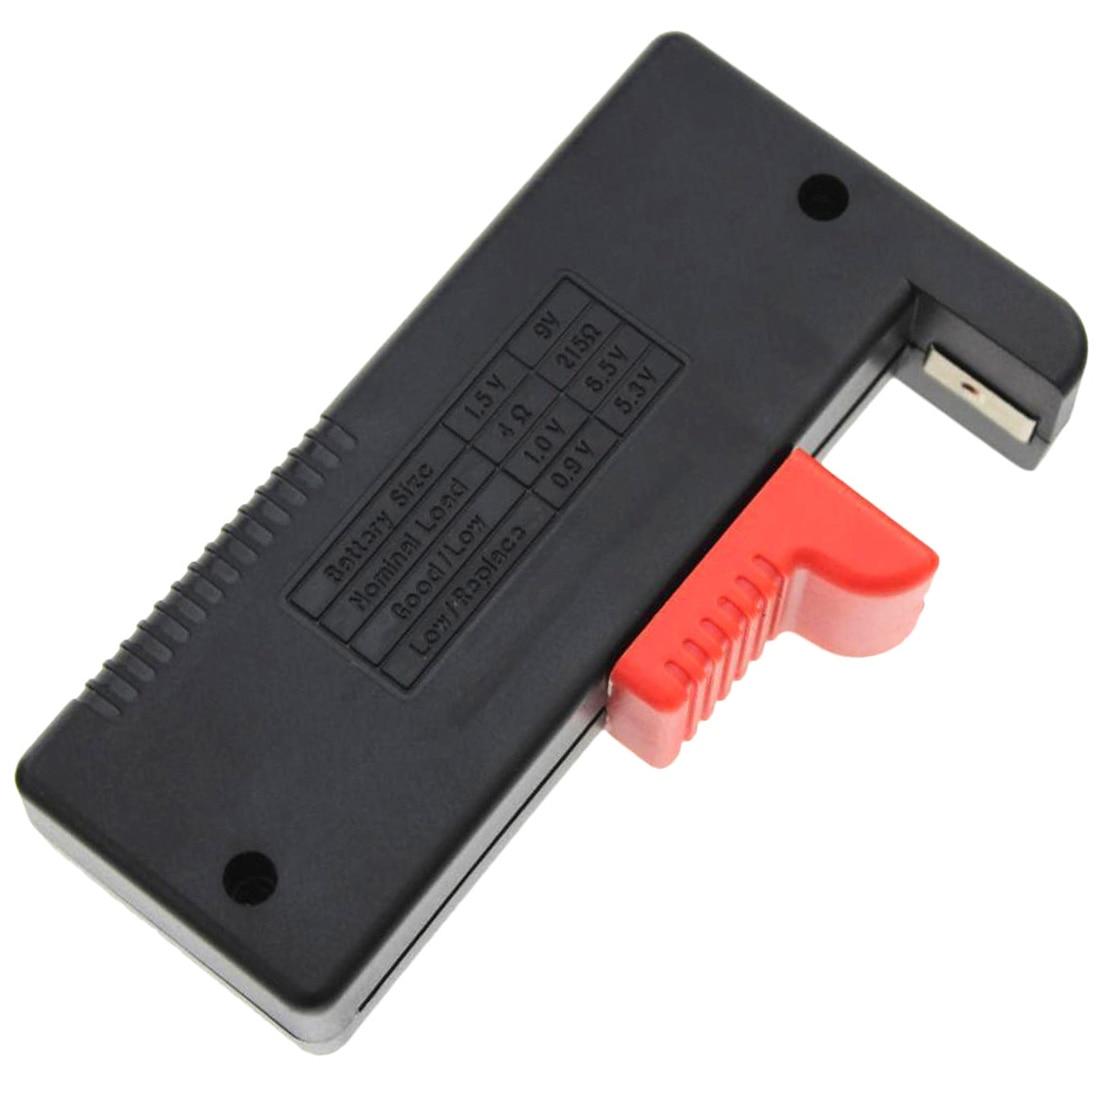 Индикатор заряда измеритель напряжения инструменты BT168 тестер батареи указатель тестер емкости батареи Цифровой тестер батареи Проверка н...